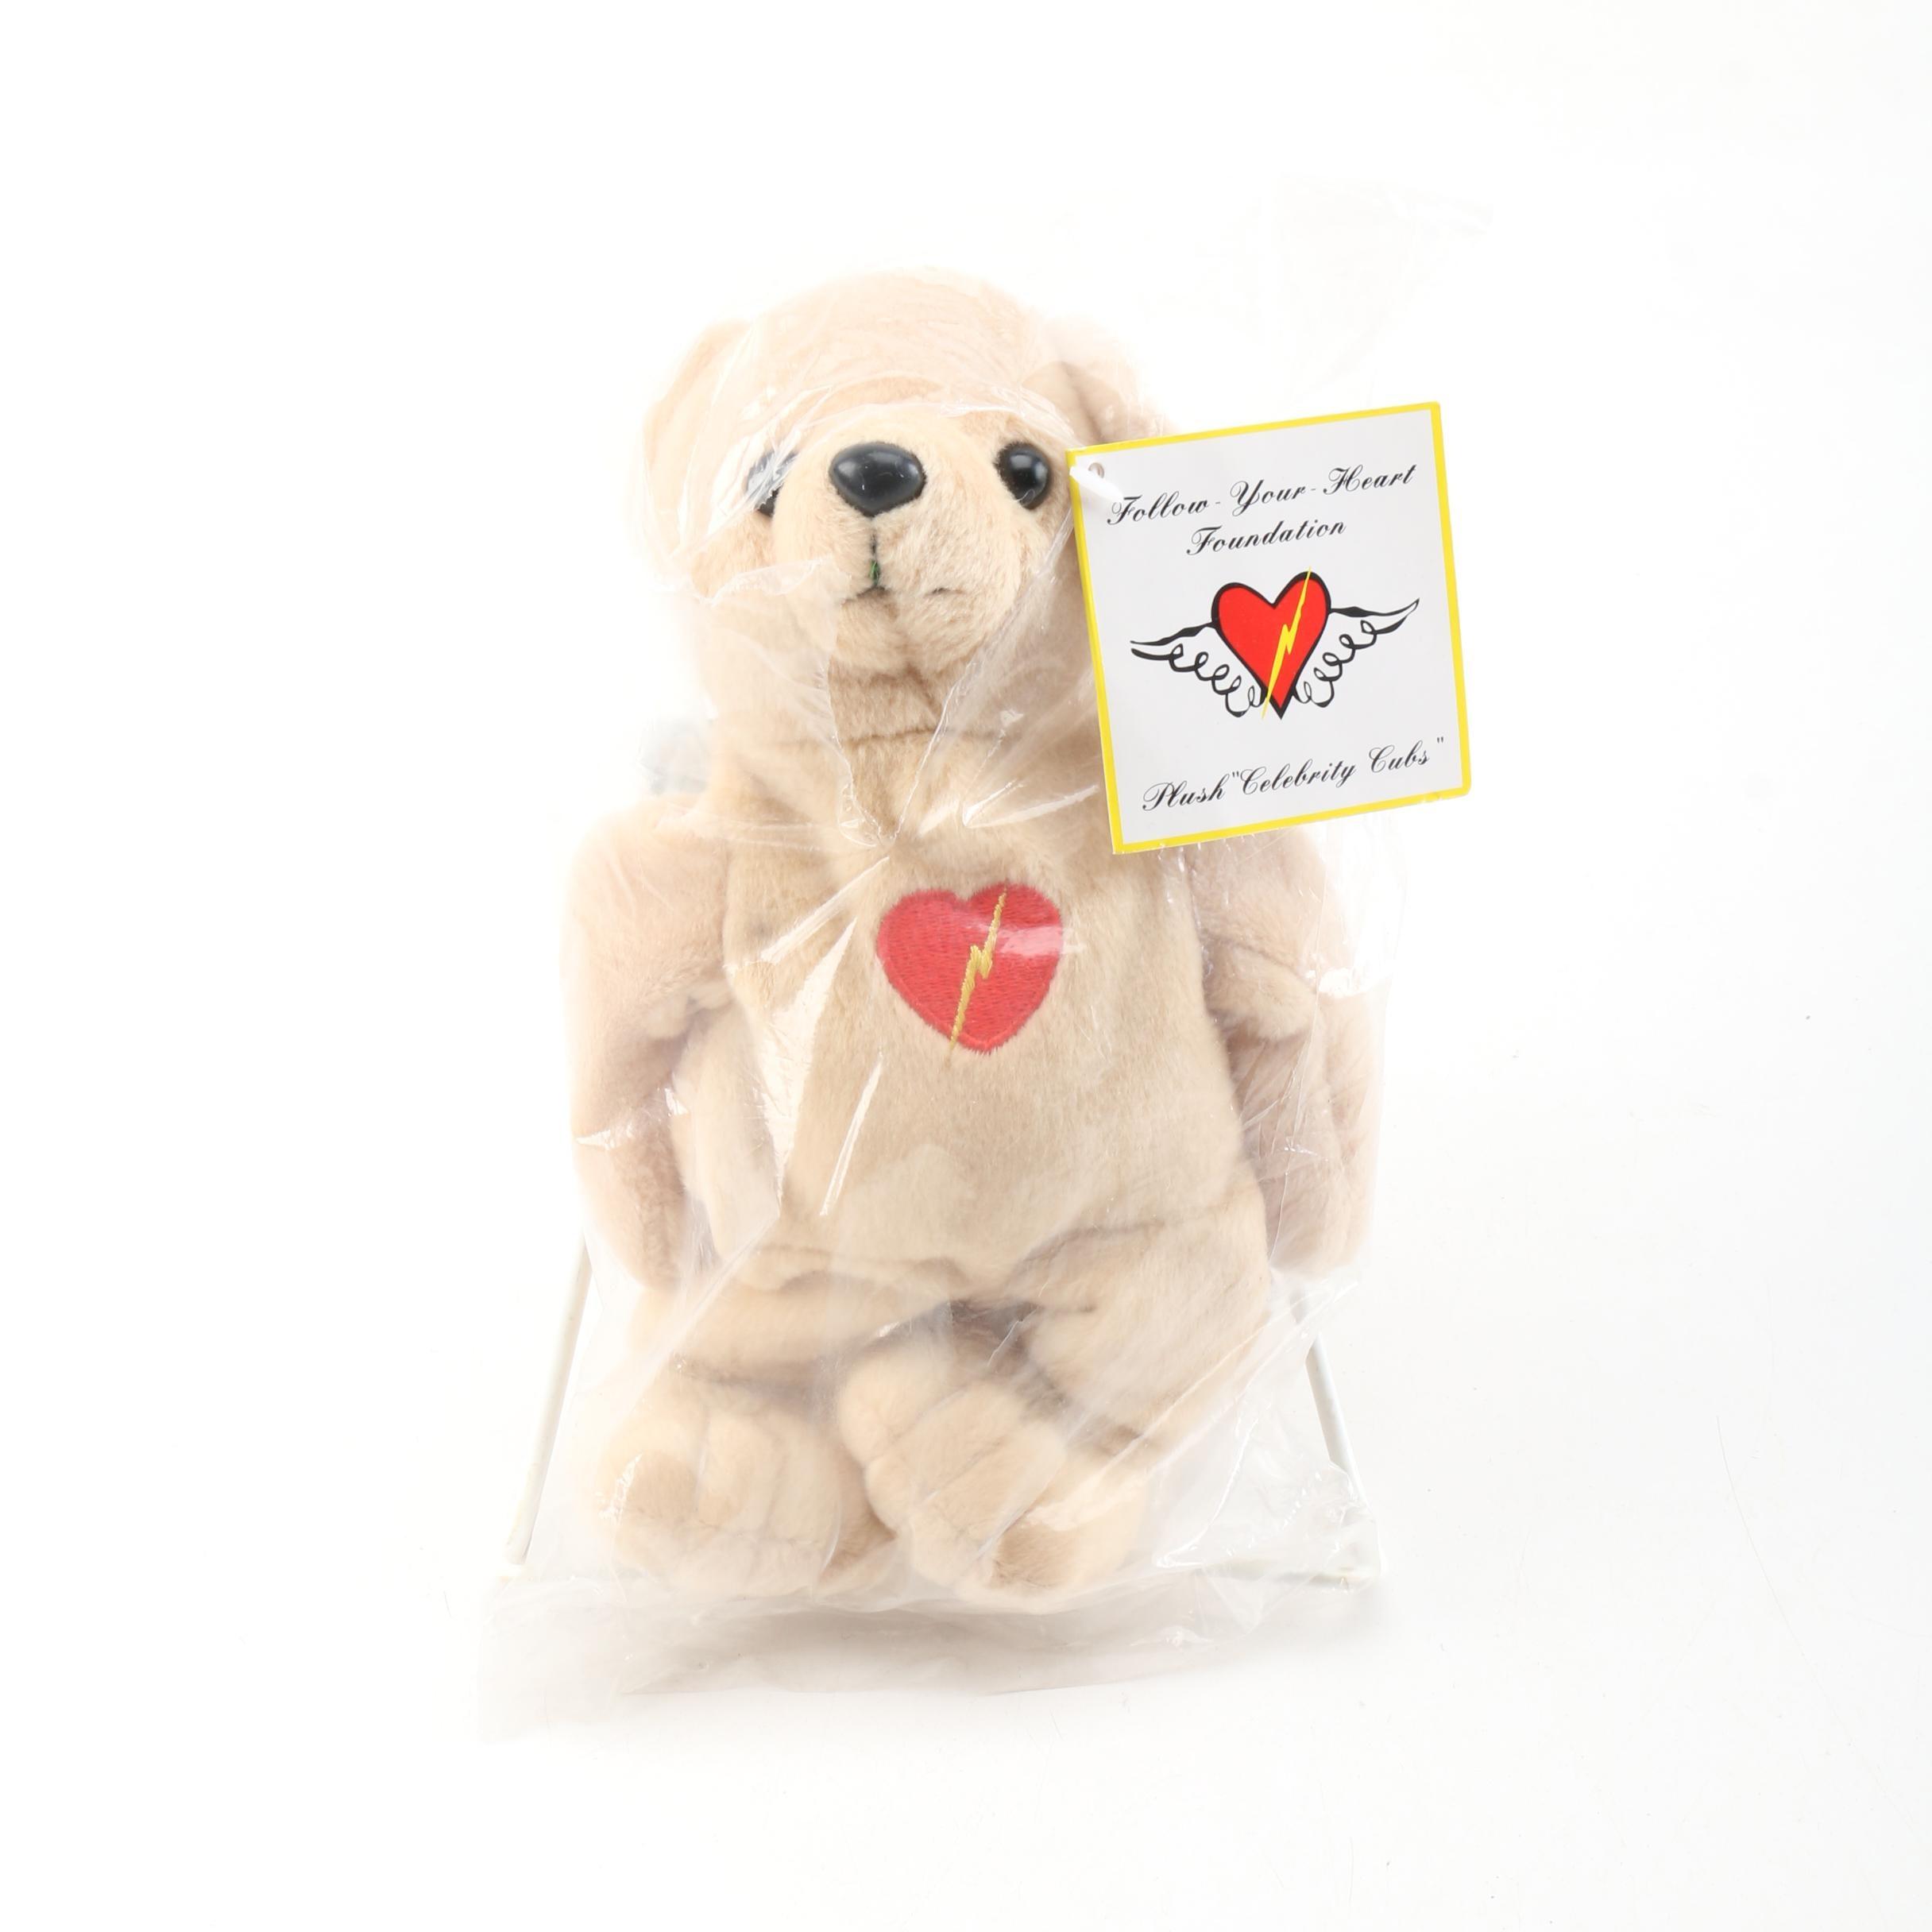 """2000 Follow Your Heart Foundation """"Harrison Ford"""" Teddy Bear"""